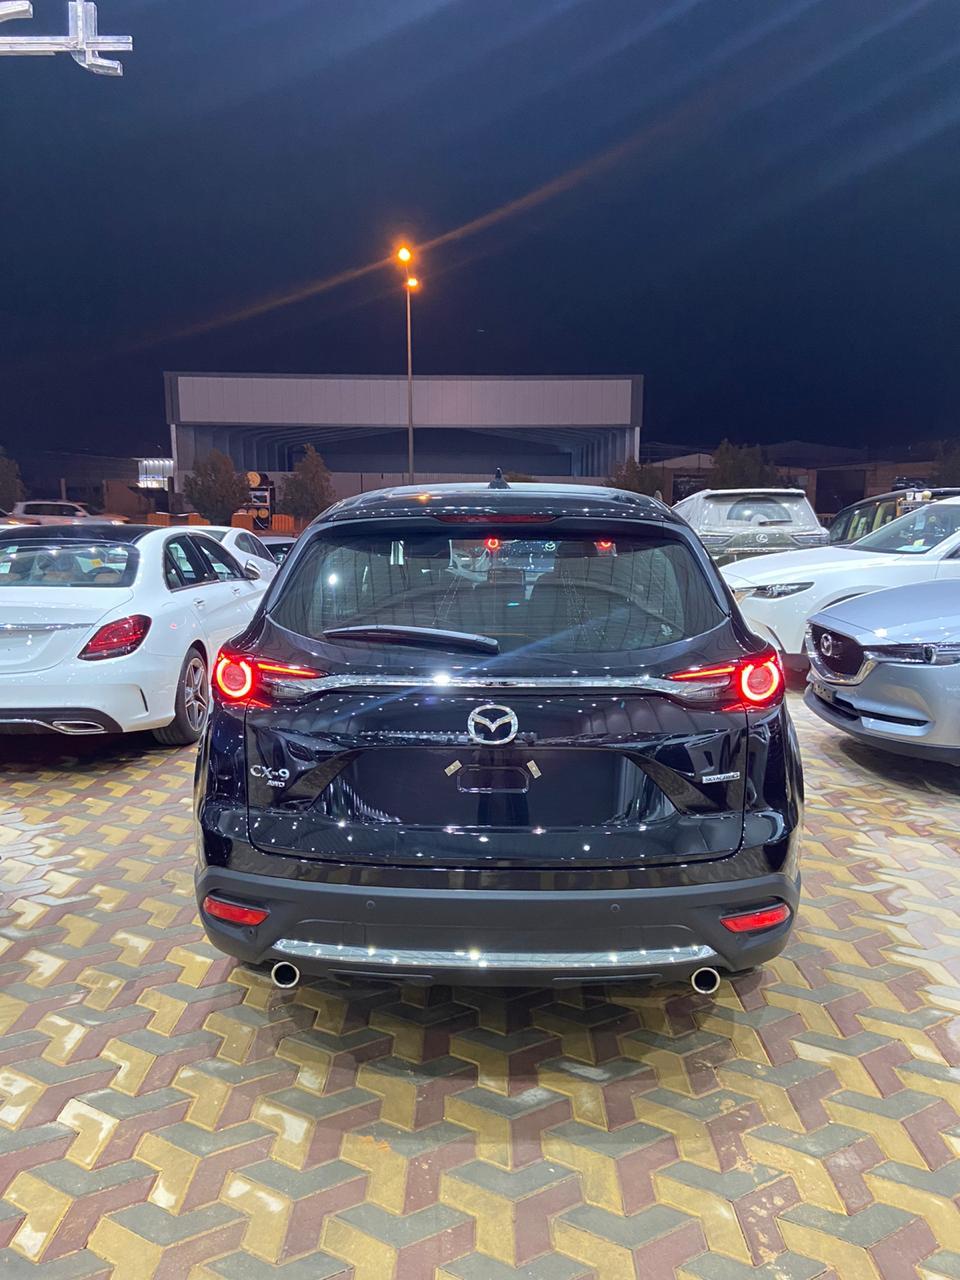 مازدا CX9 2020 سجنتشر فل خليجي للبيع في الرياض - السعودية - صورة كبيرة - 3